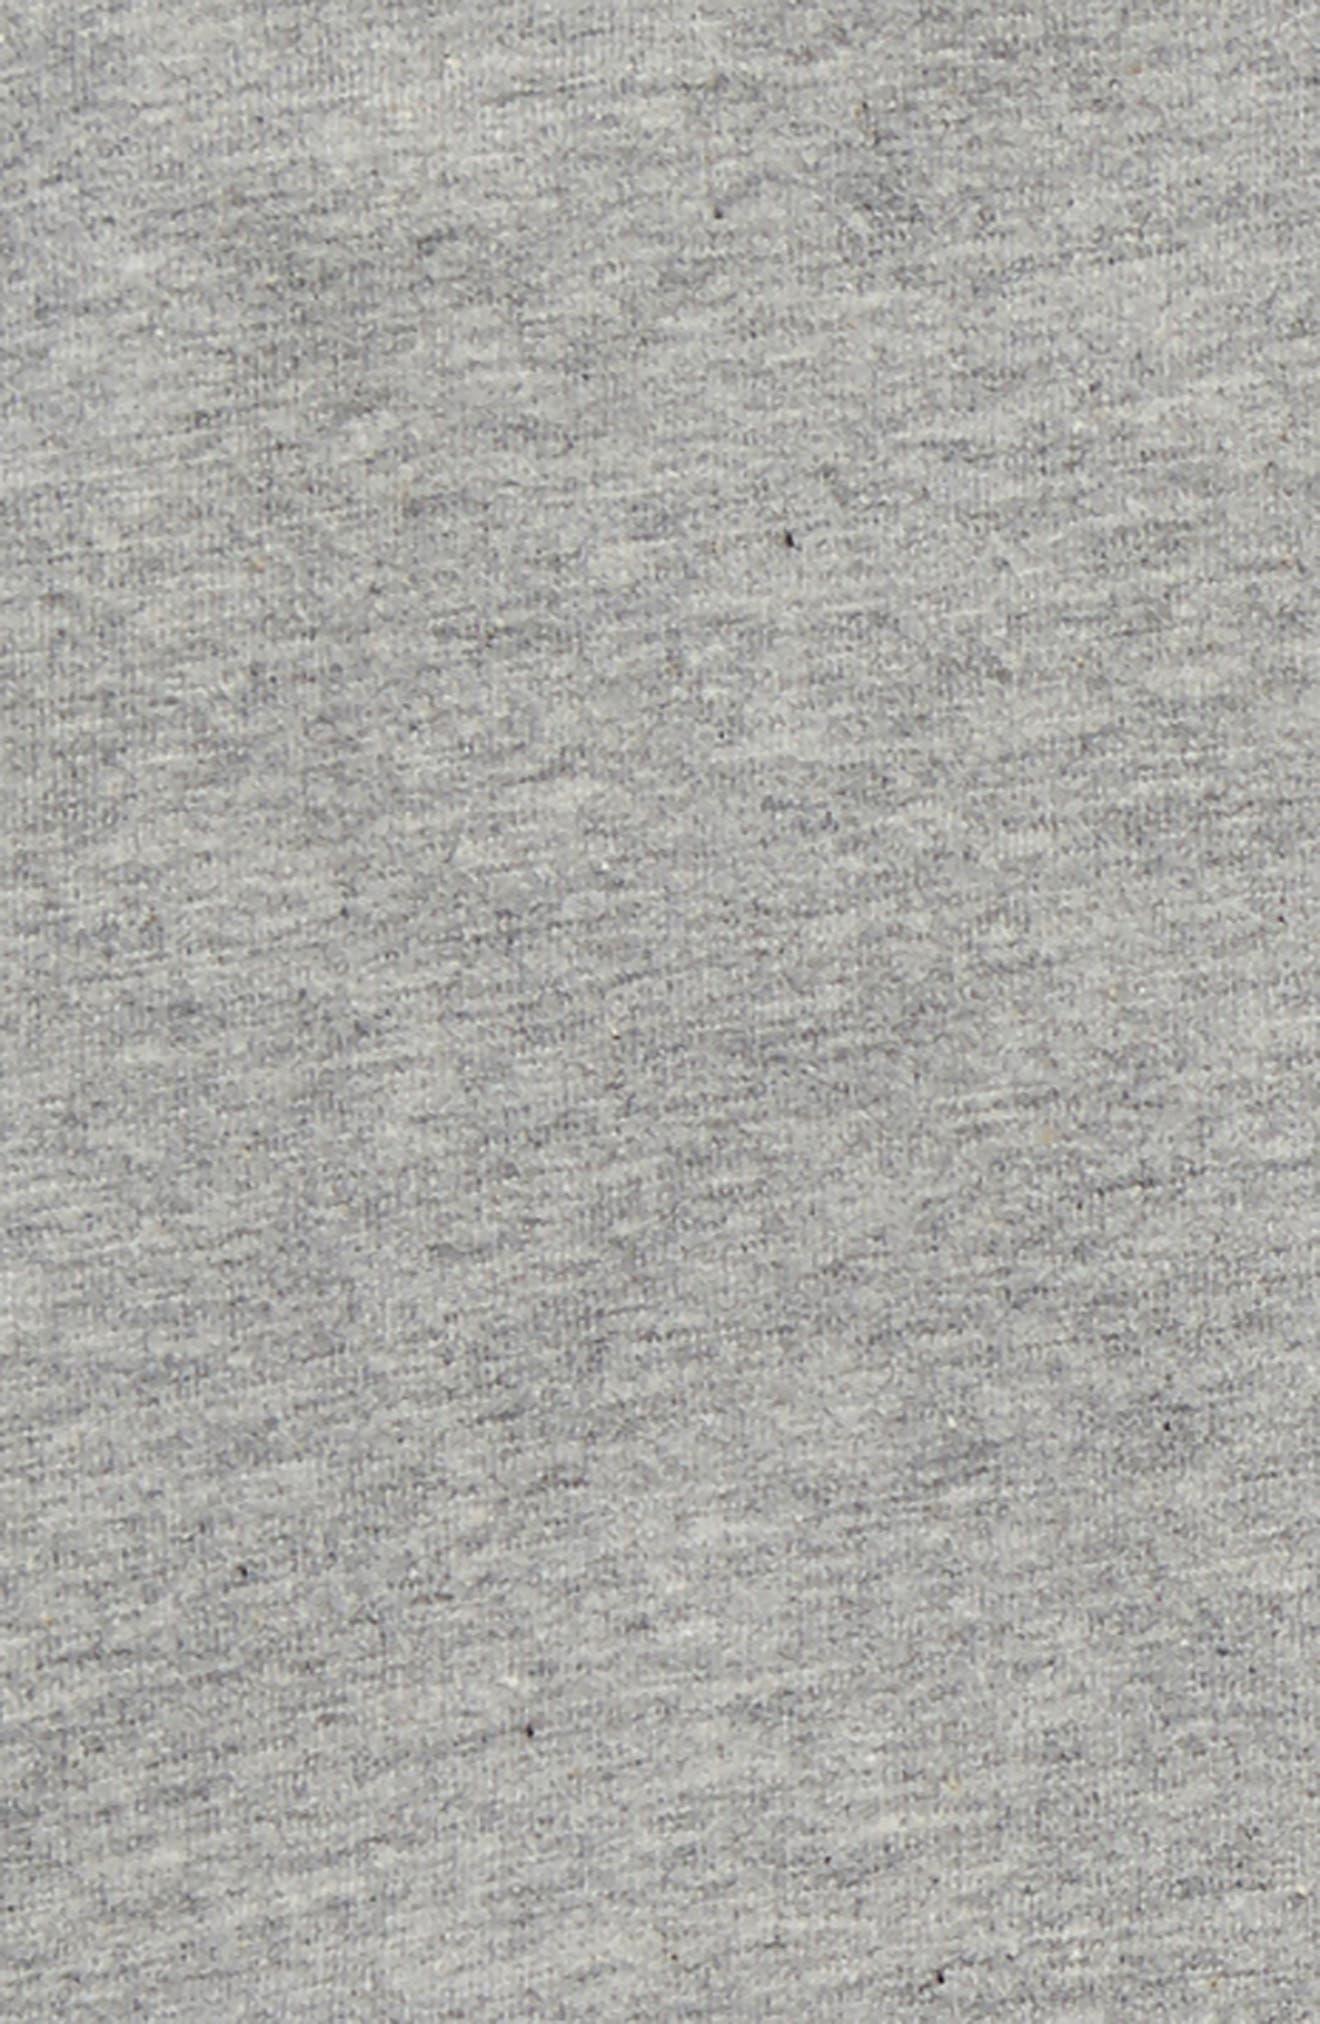 2-Pack Organic Cotton Blend Bike Shorts,                             Alternate thumbnail 2, color,                             Multi